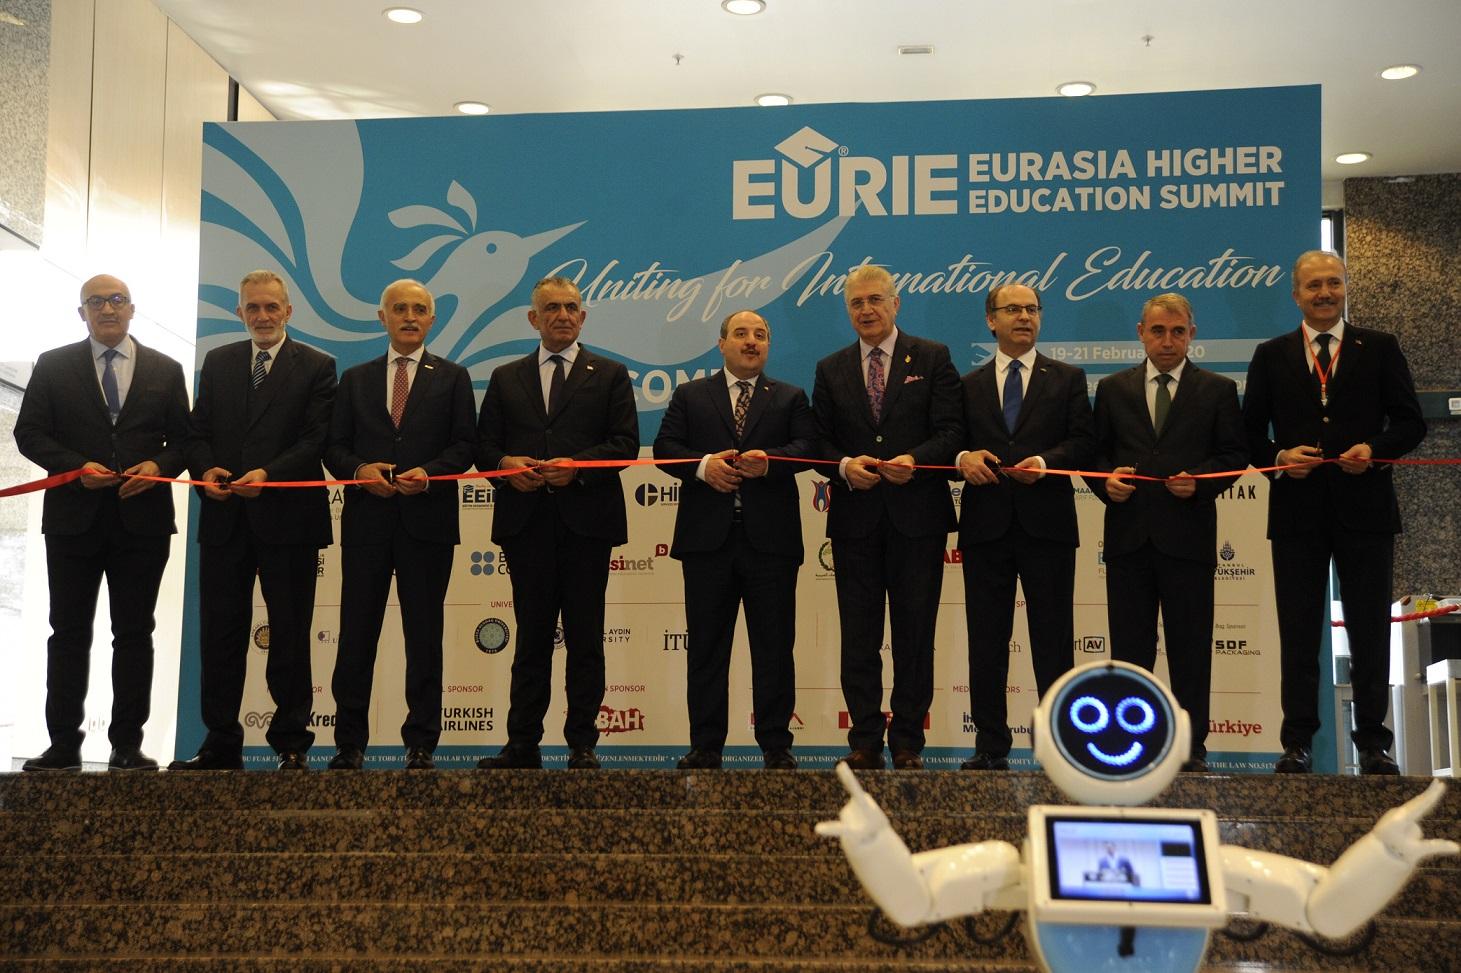 Avrasya Yükseköğretim Zirvesi-EURIE,İstanbul'da başladı.